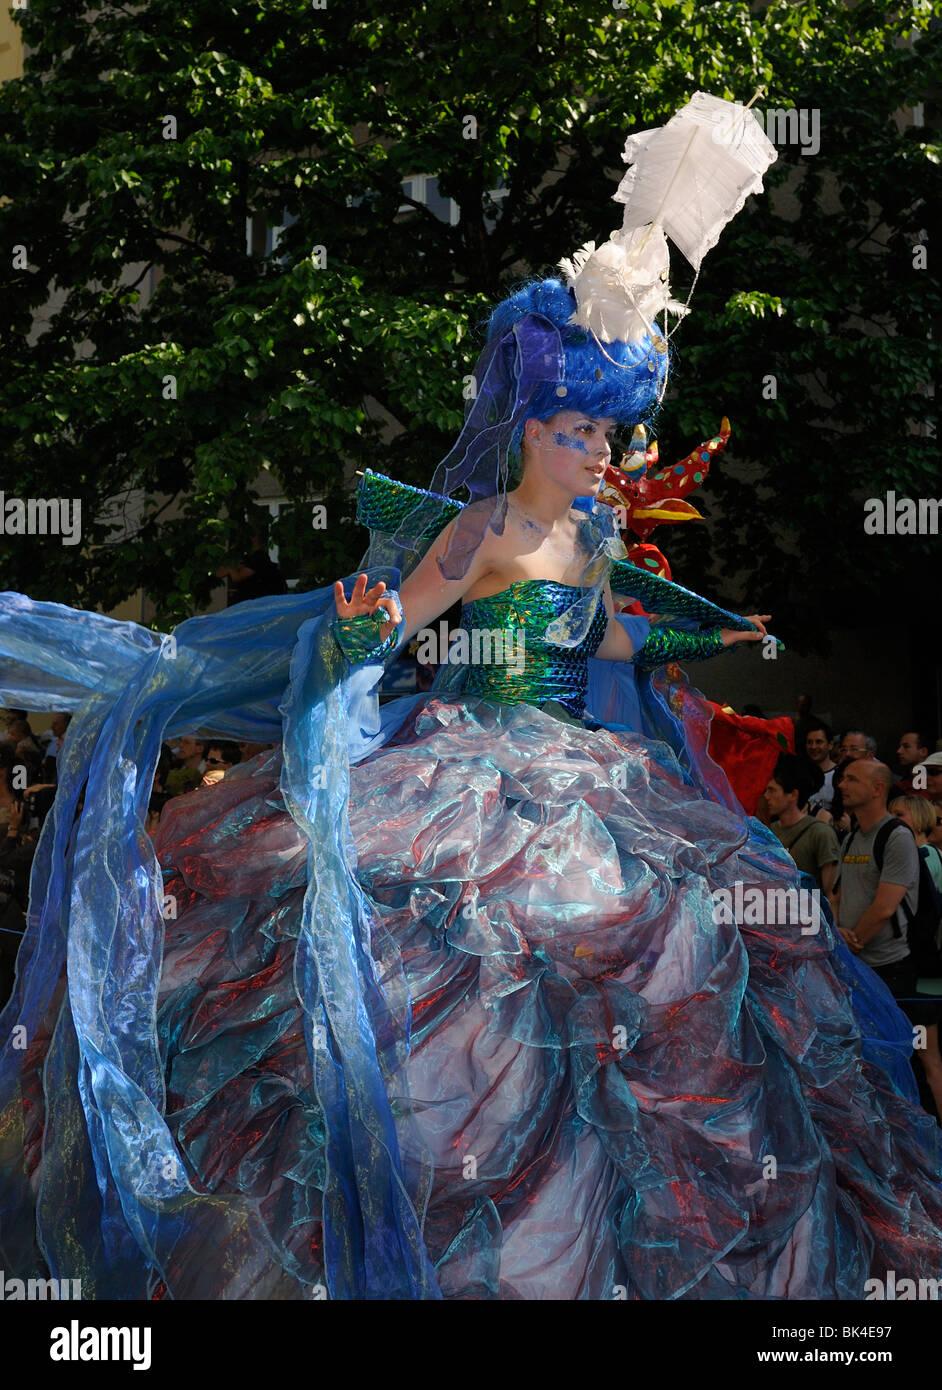 Karneval der Kulturen, Karneval der Kulturen, jährlichen berühmten Streetparade auf Pfingsten, Bezirk Stockbild